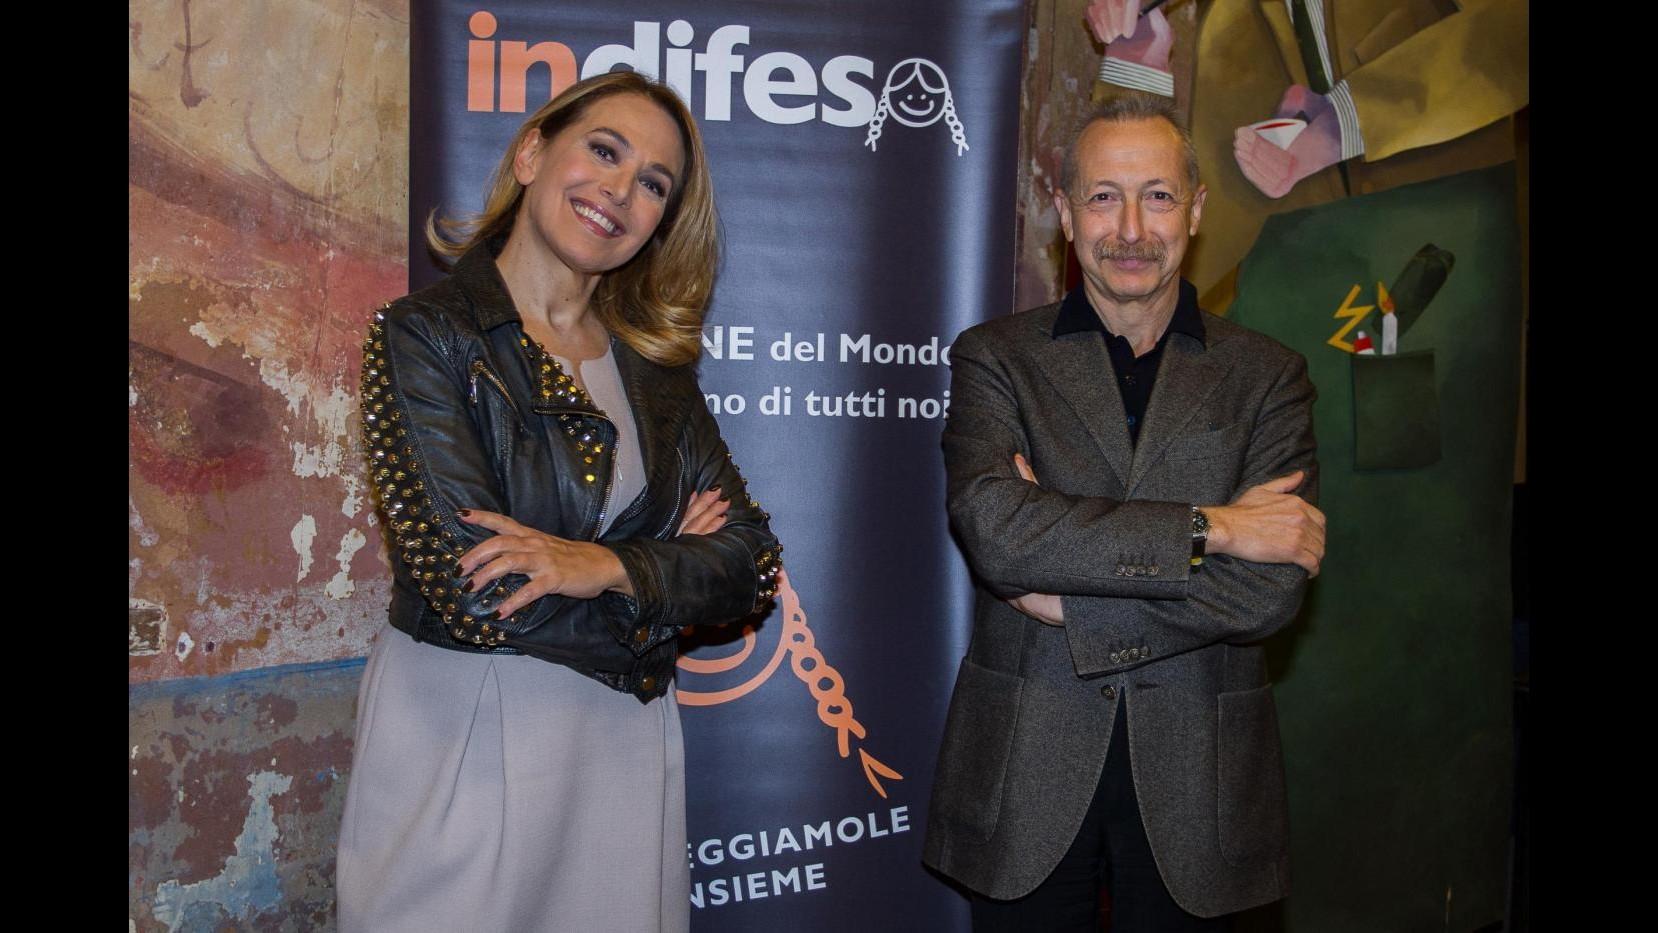 Serata a sostegno di campagna 'Indifesa' al Franco Parenti di Milano